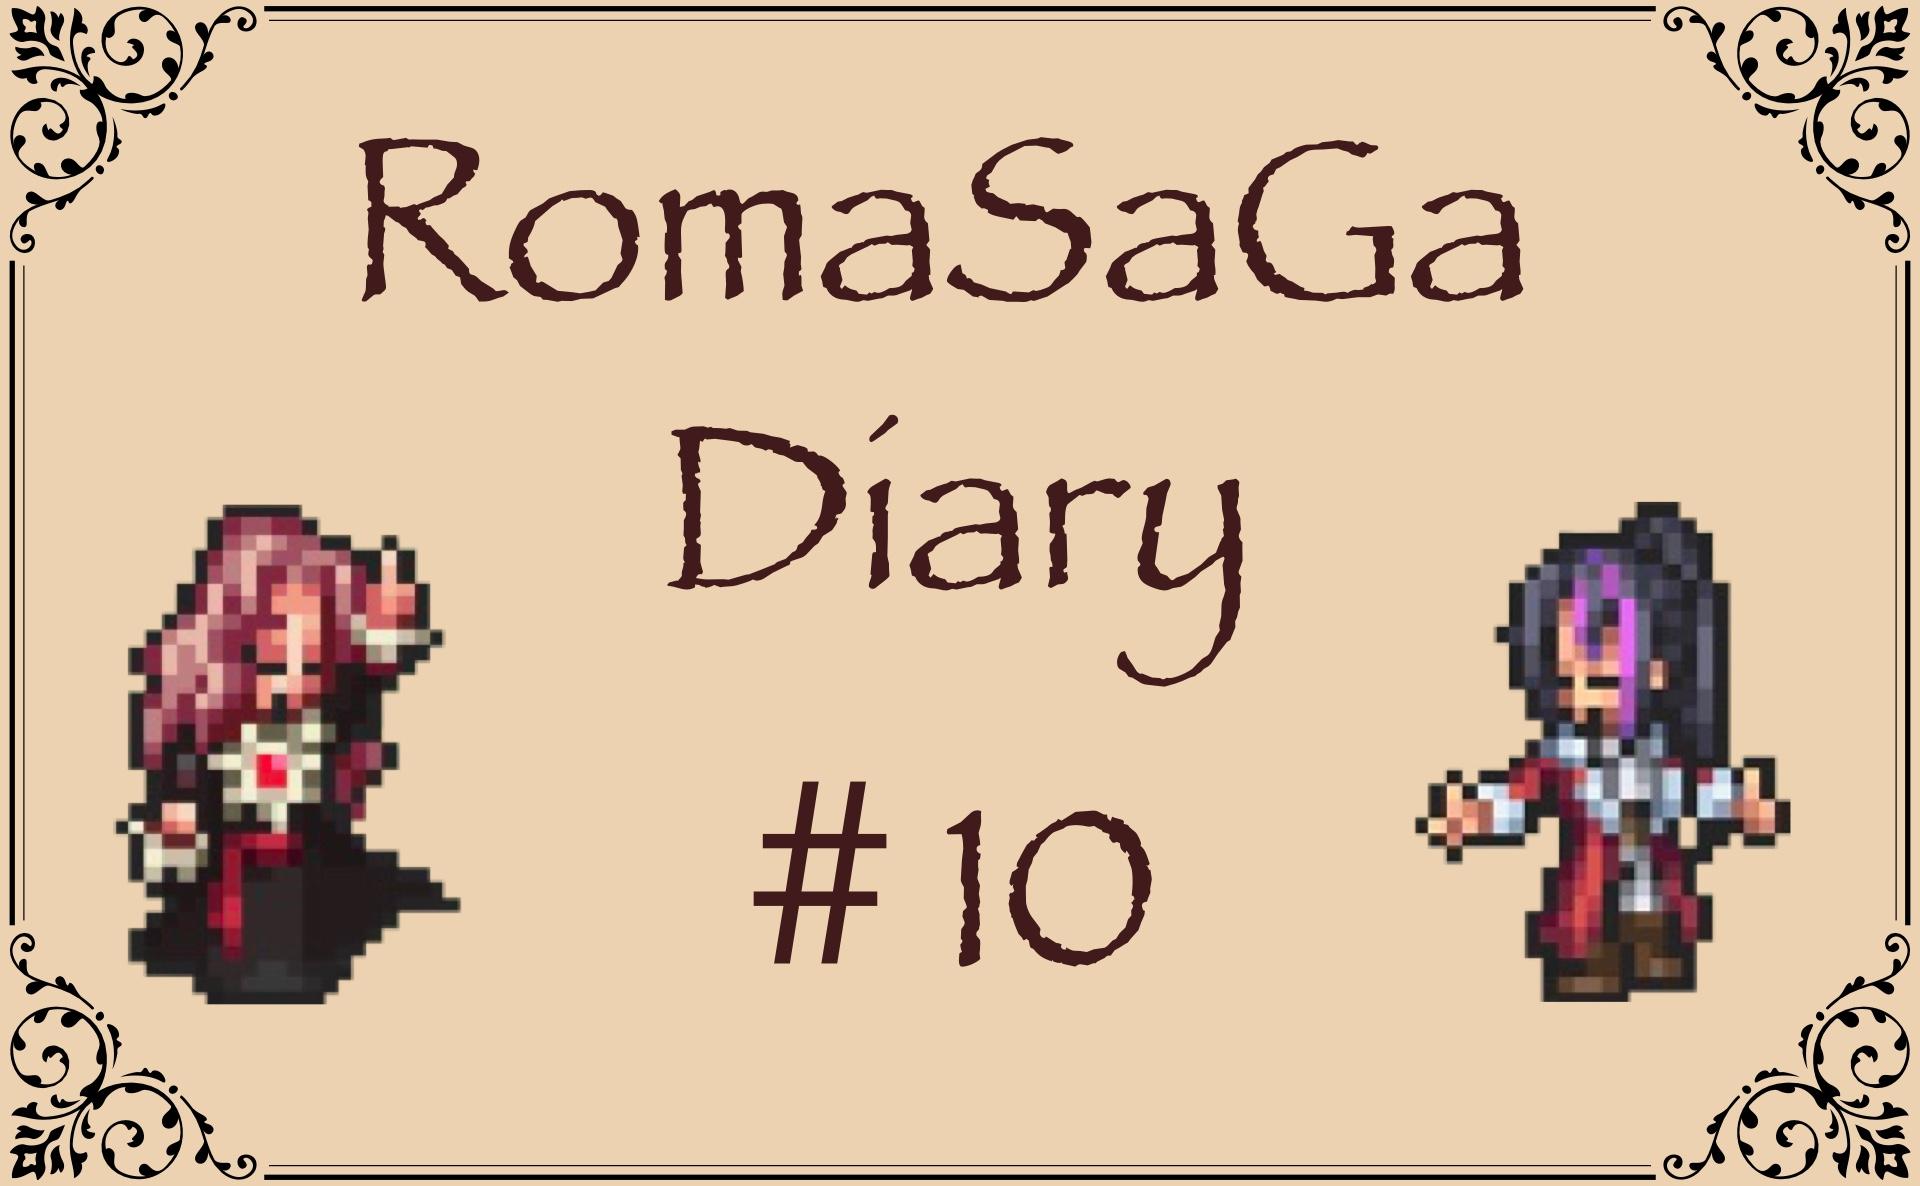 ロマサガDiary#10